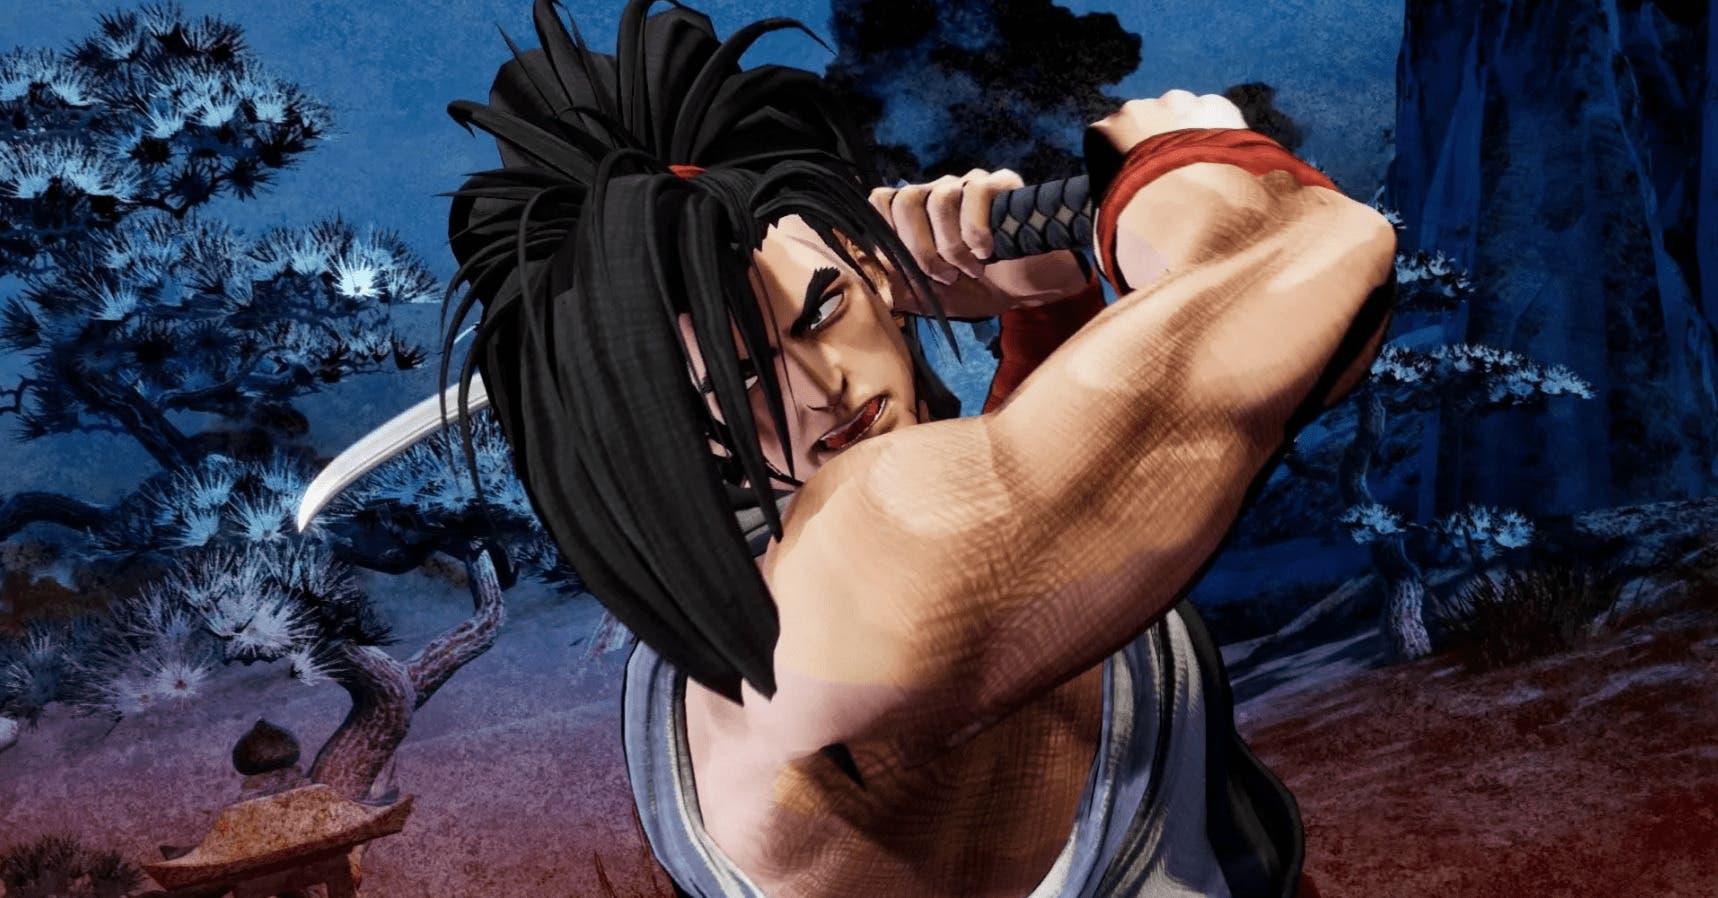 Imagen de Al director de Samurai Shodown le encantaría trabajar en el reboot de otra gran franquicia de SNK